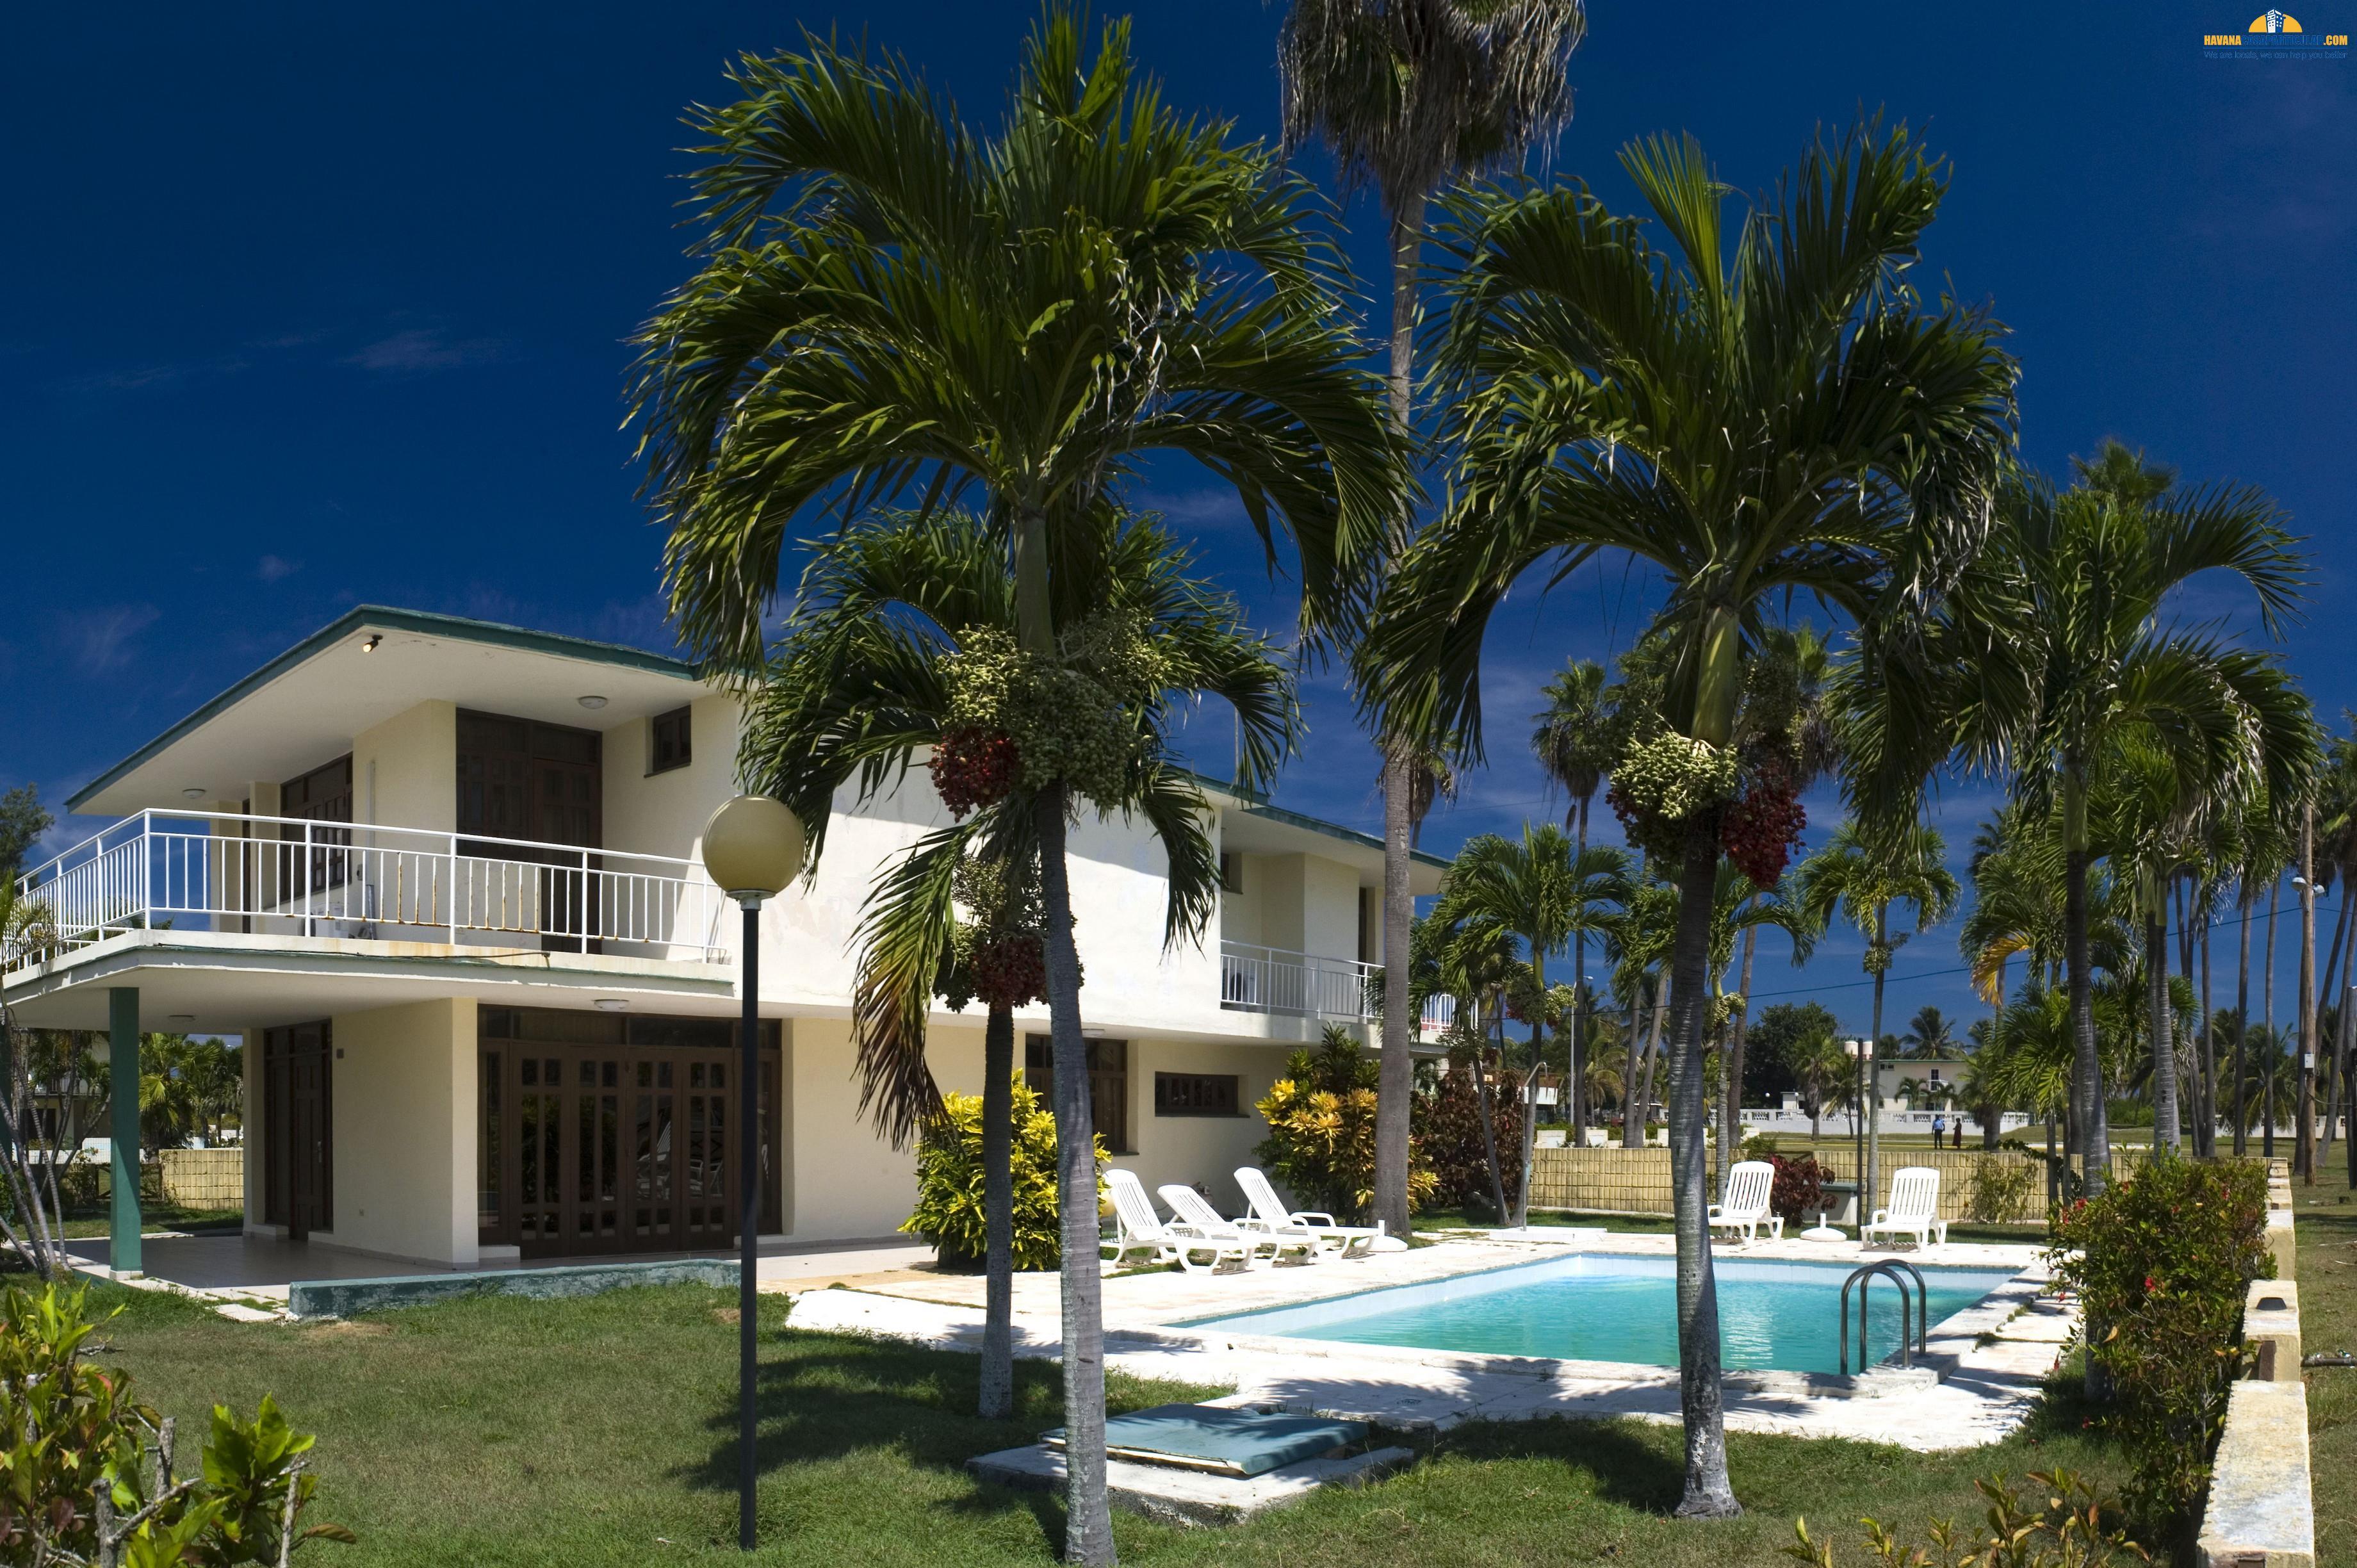 Villas with Swimming Pool Villa Los Pinos Havana City